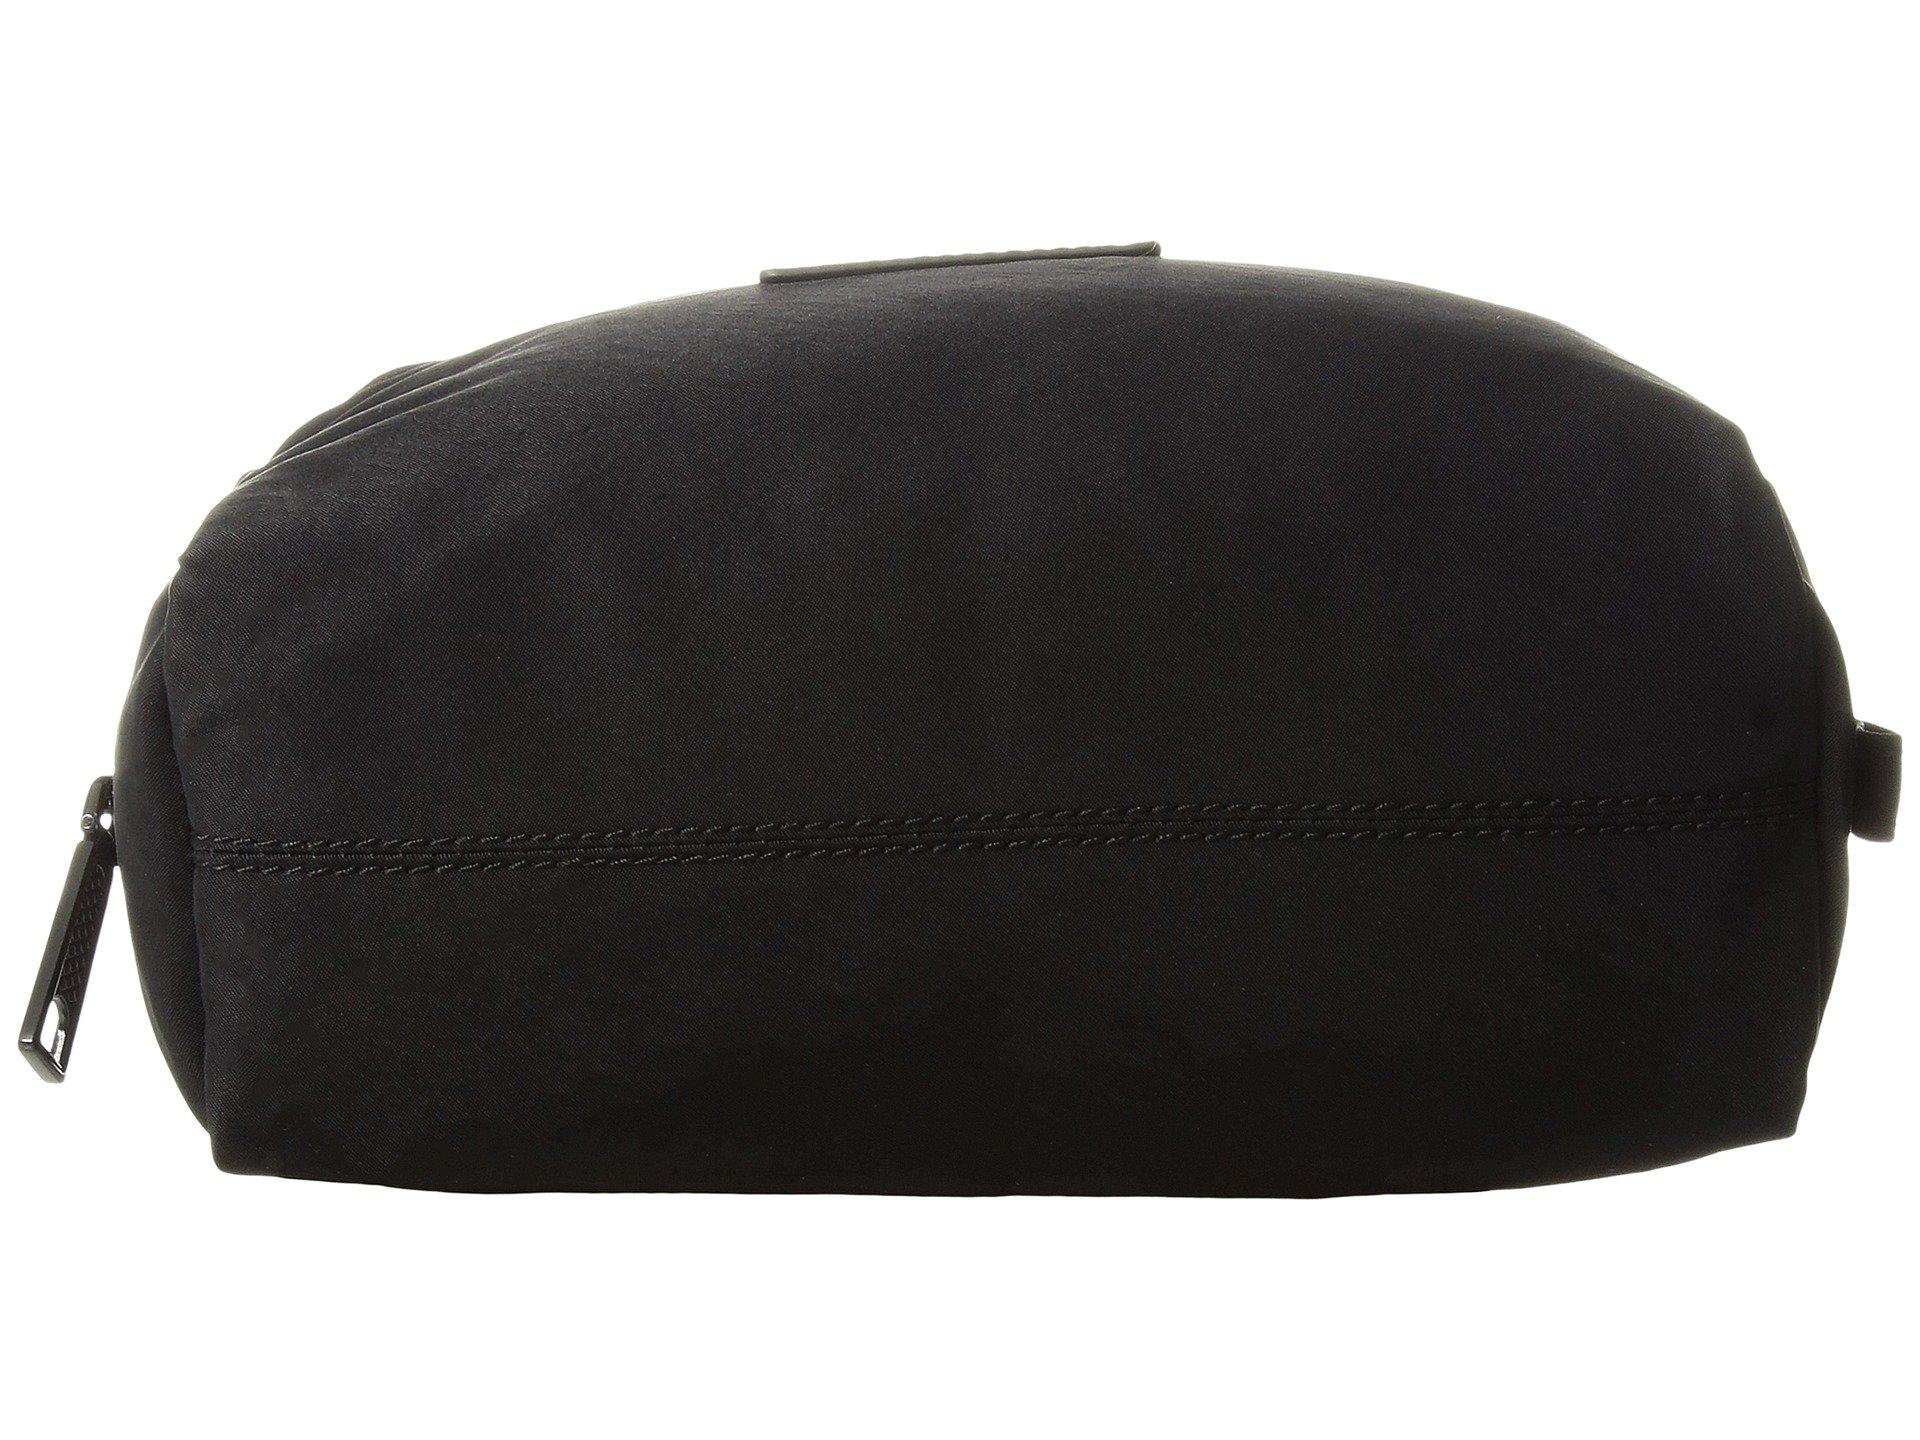 Pouch Minkoff Nylon Black Rebecca Cosmetic qB1OaOf